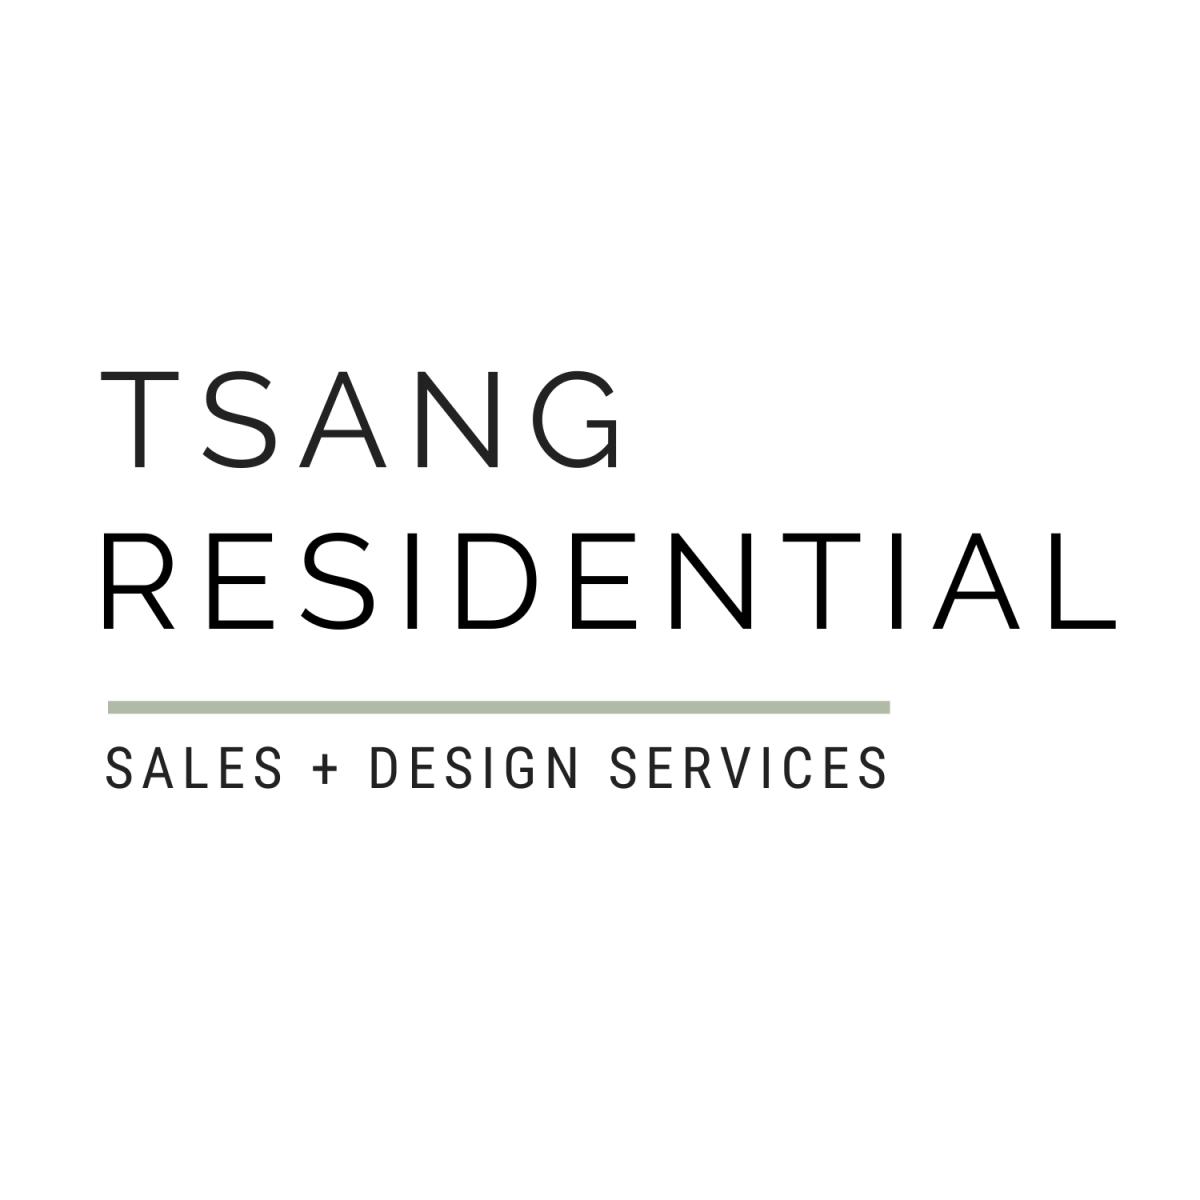 Tsang Residential logo